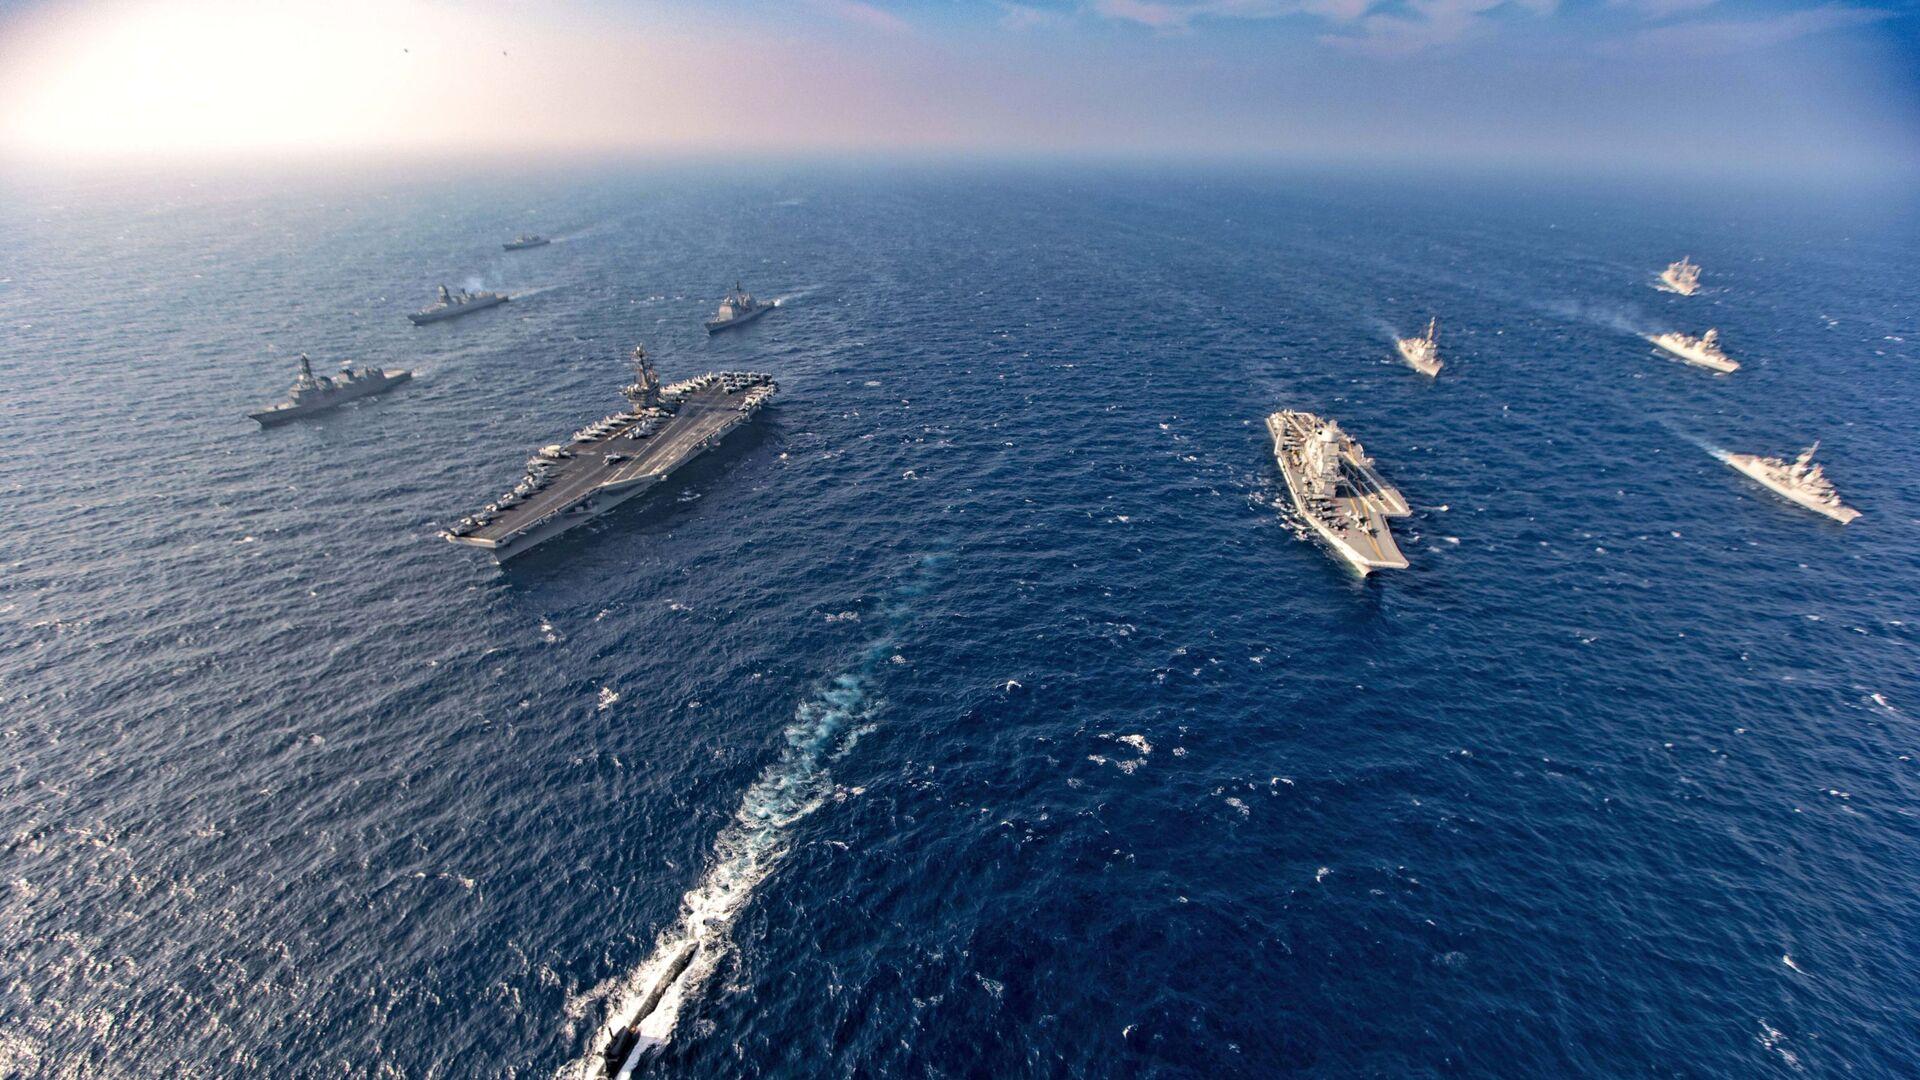 Tàu sân bay và tàu chiến Úc tham gia giai đoạn hai của cuộc tập trận hải quân Malabar ở Biển Bắc Ả Rập - Sputnik Việt Nam, 1920, 17.09.2021